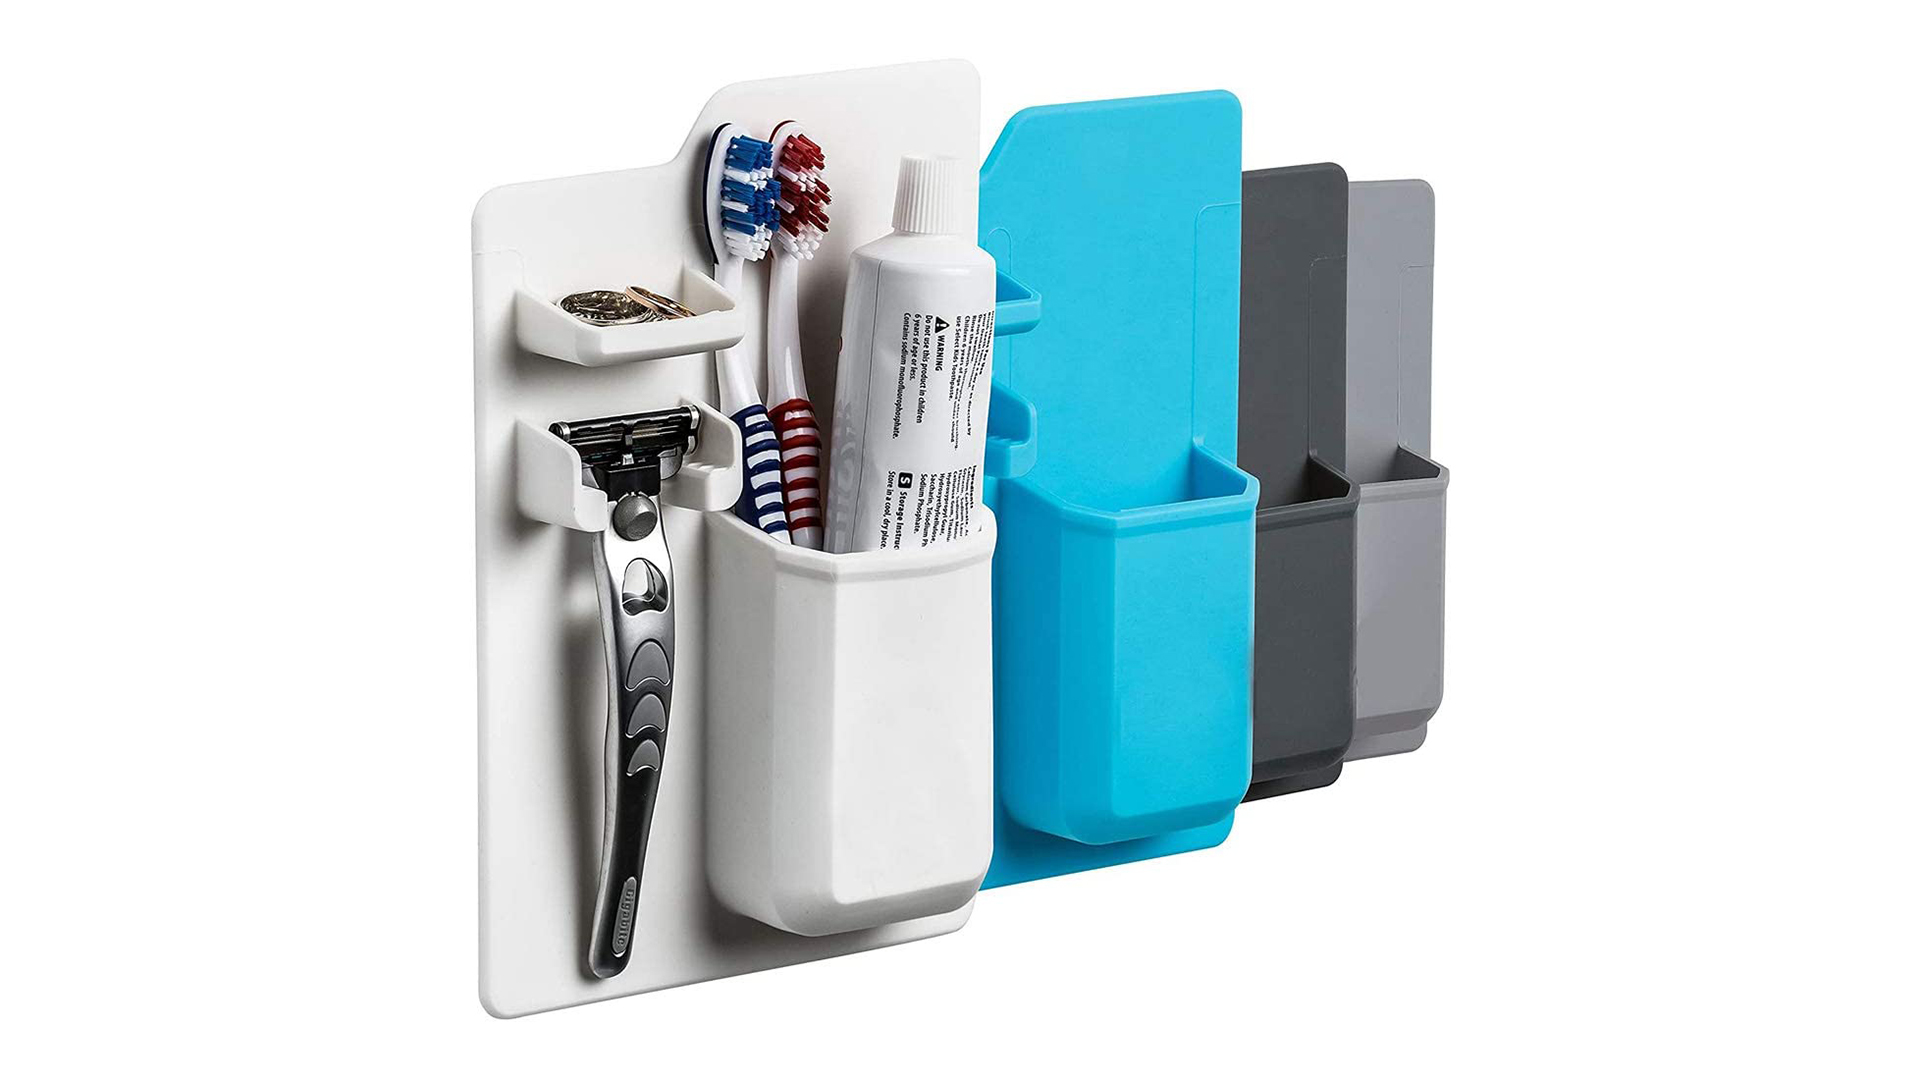 سيليكون تخزين الحمام منظم فرشاة الأسنان حامل ماكياج المطبخ الخيالة جدار بلاكم الذاتي شفط dh- سيليكون